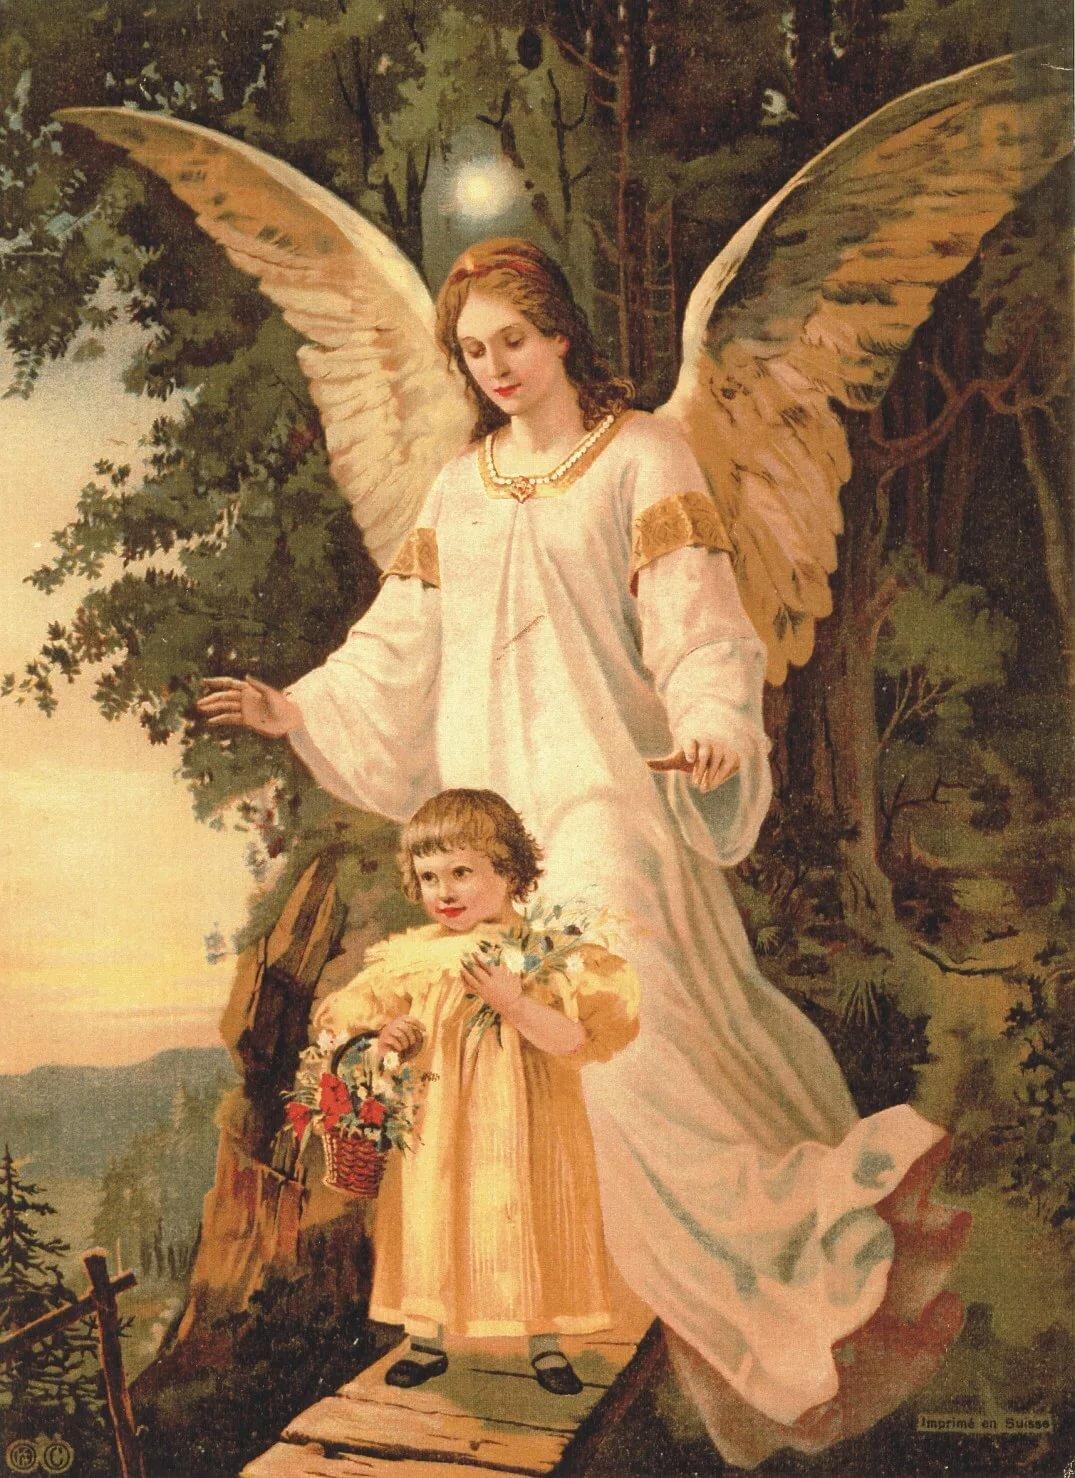 этого эта открытка ангел хранитель для сына запад еще